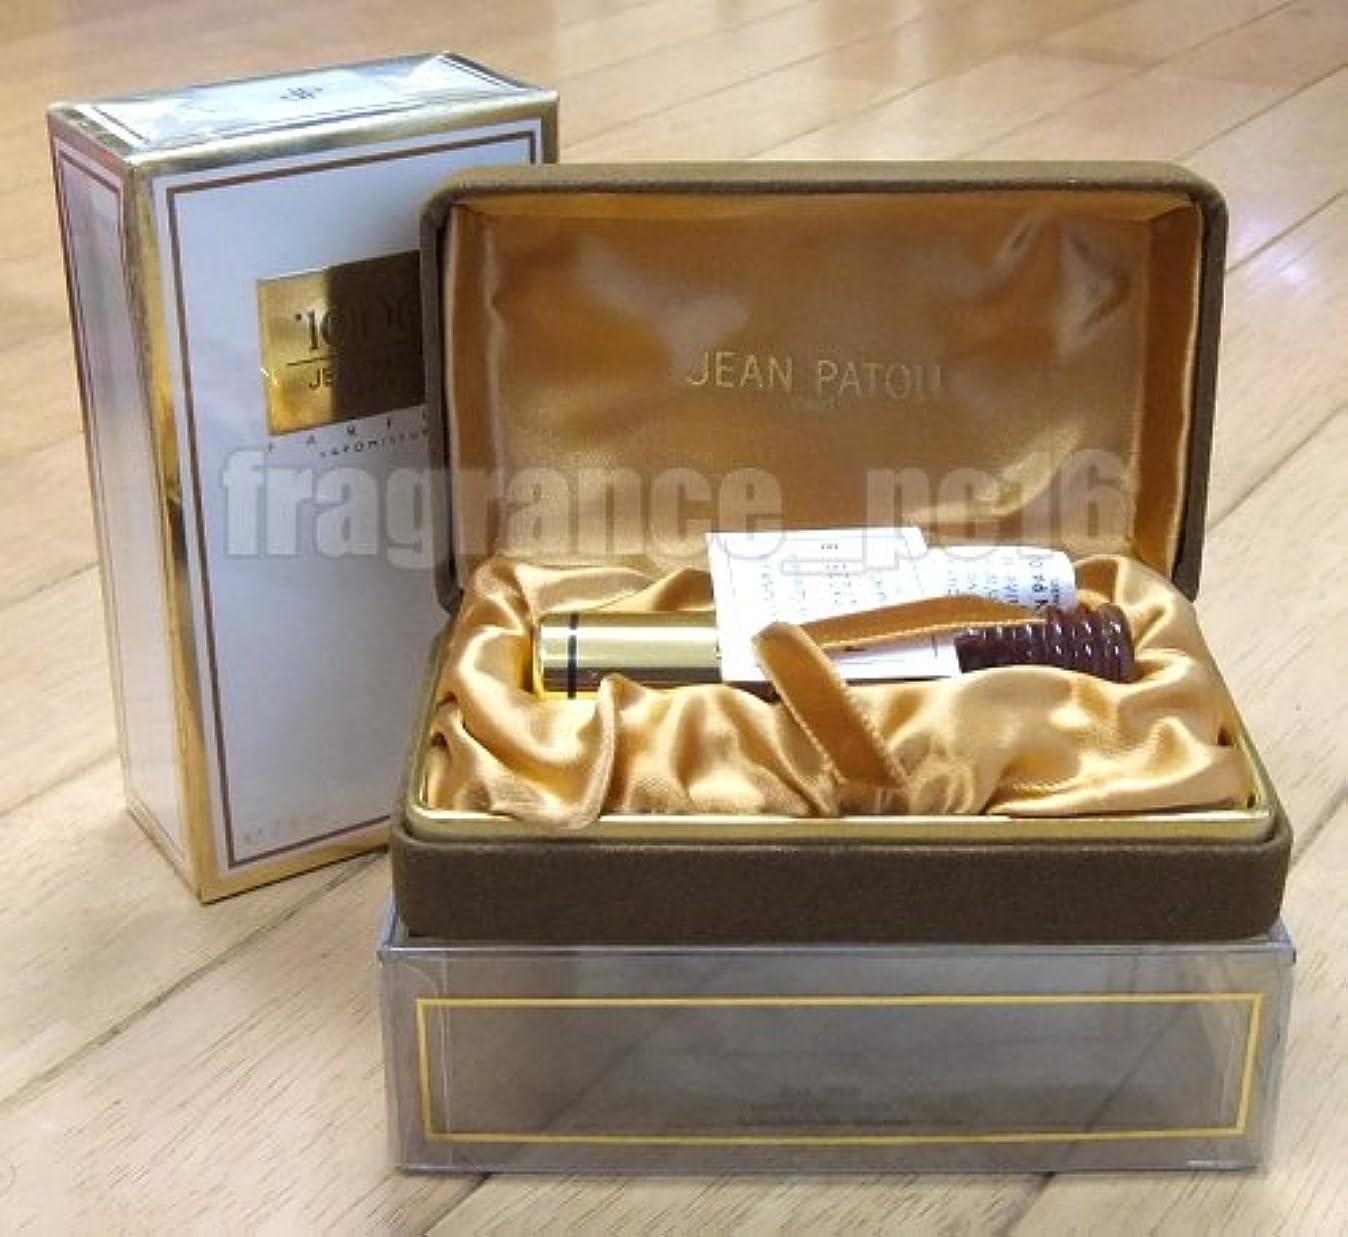 配管高潔な区別するJEAN PATOU ジャンパトゥ ミル 1000 パルファム 7.5ml スプレー (並行輸入) Parfum